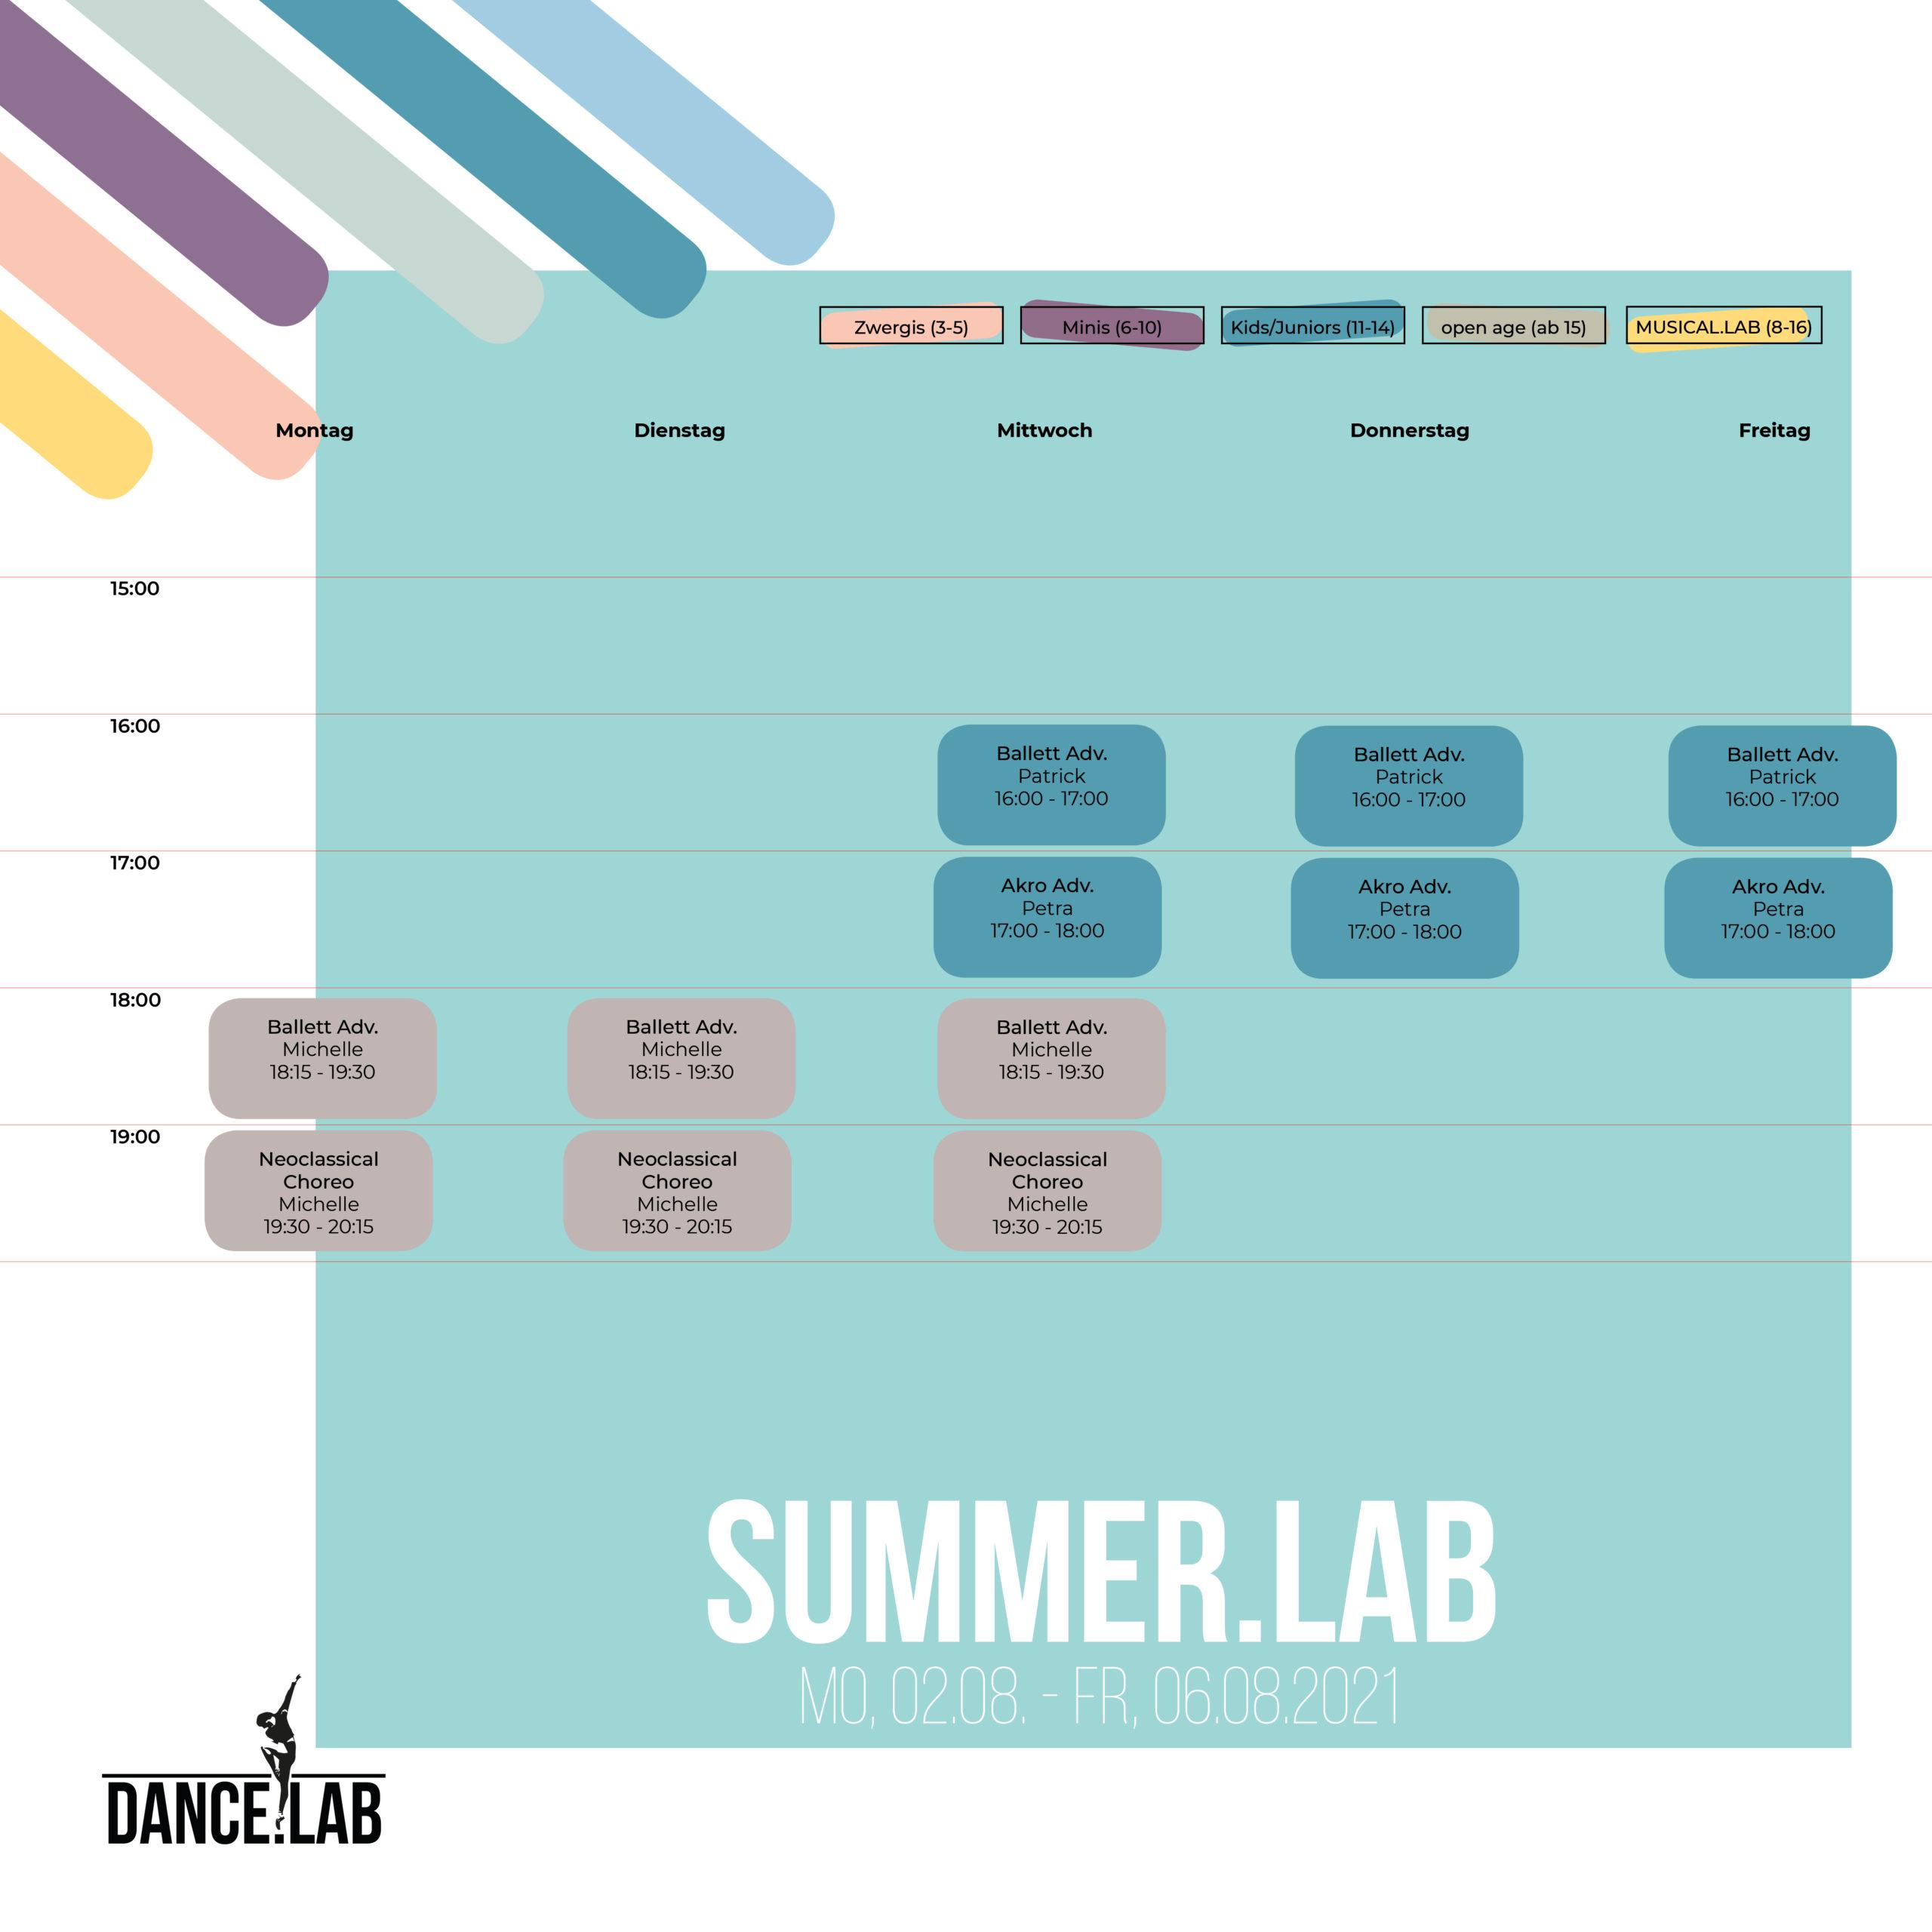 SUMMER.LAB - Woche 4